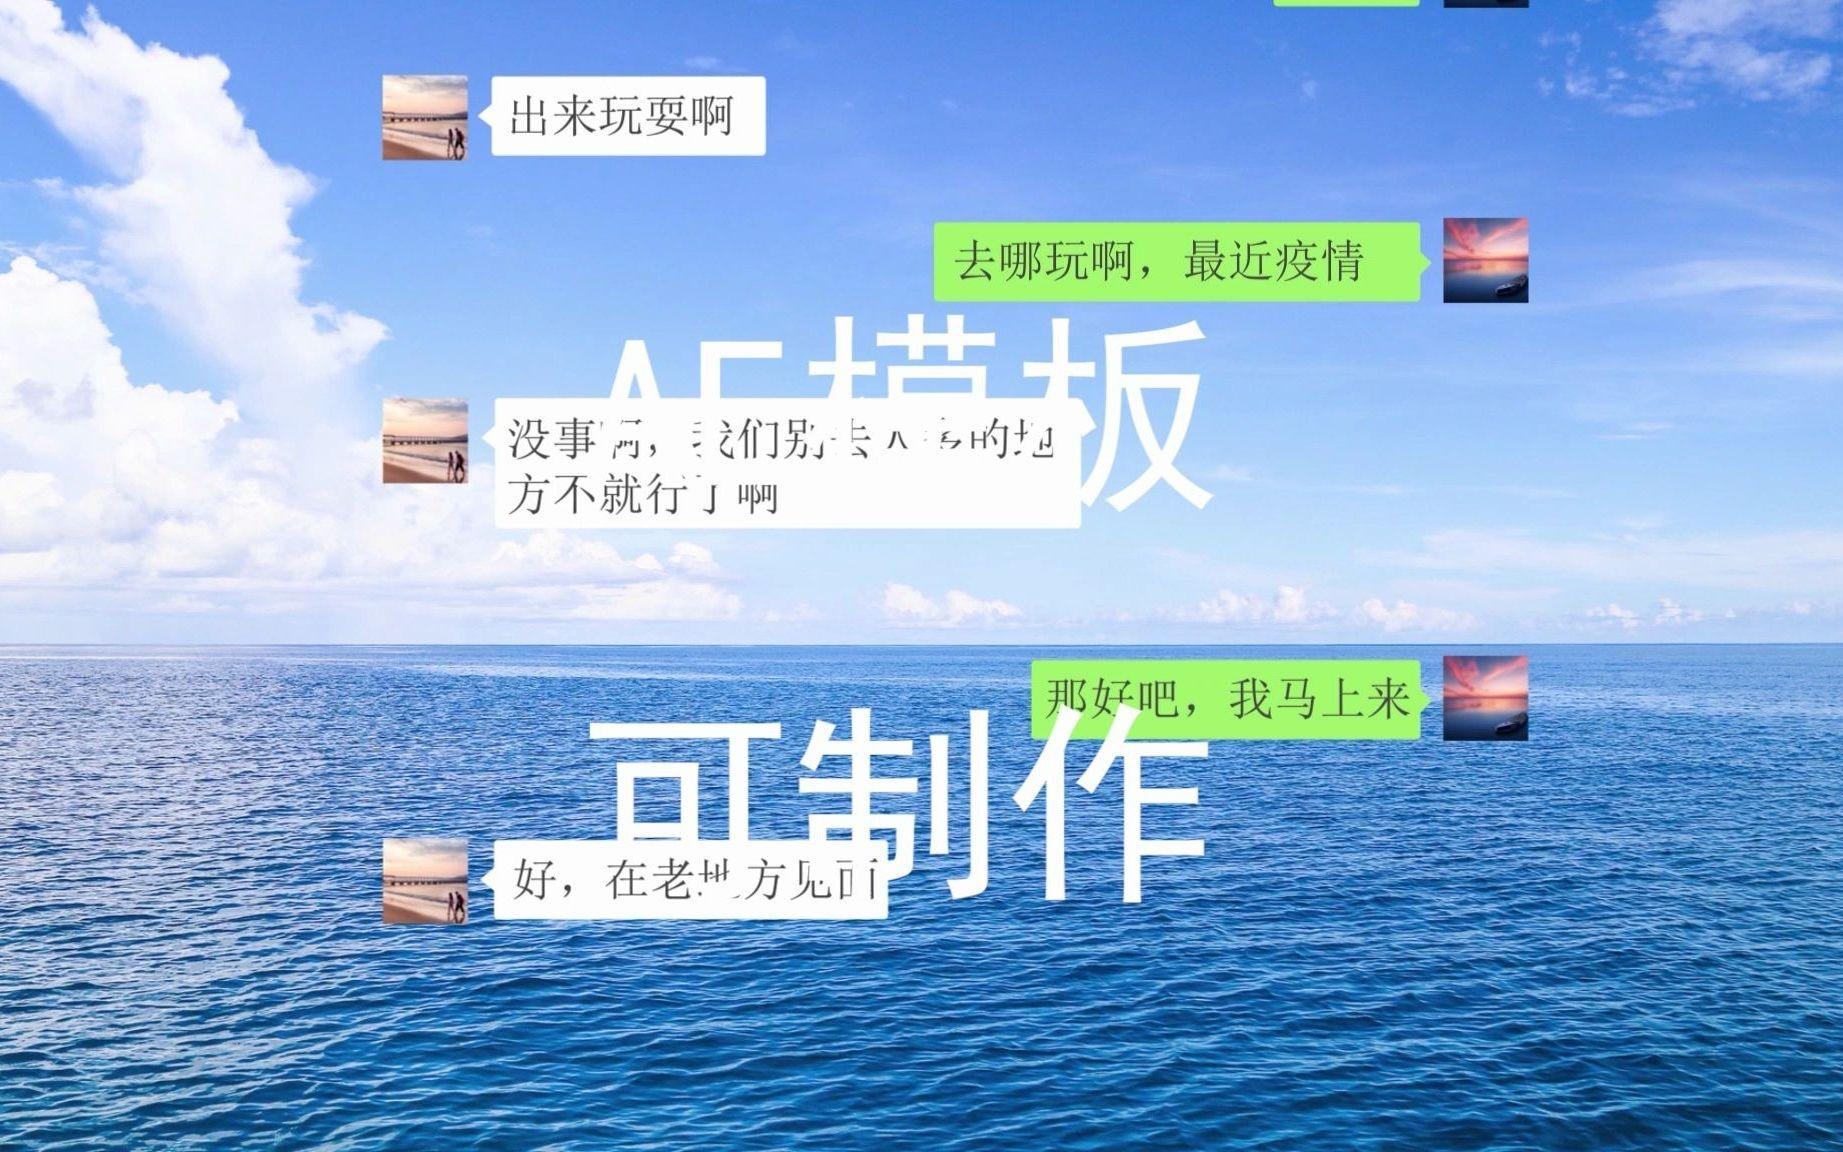 【AE模板】微信QQ聊天对话框 可制作